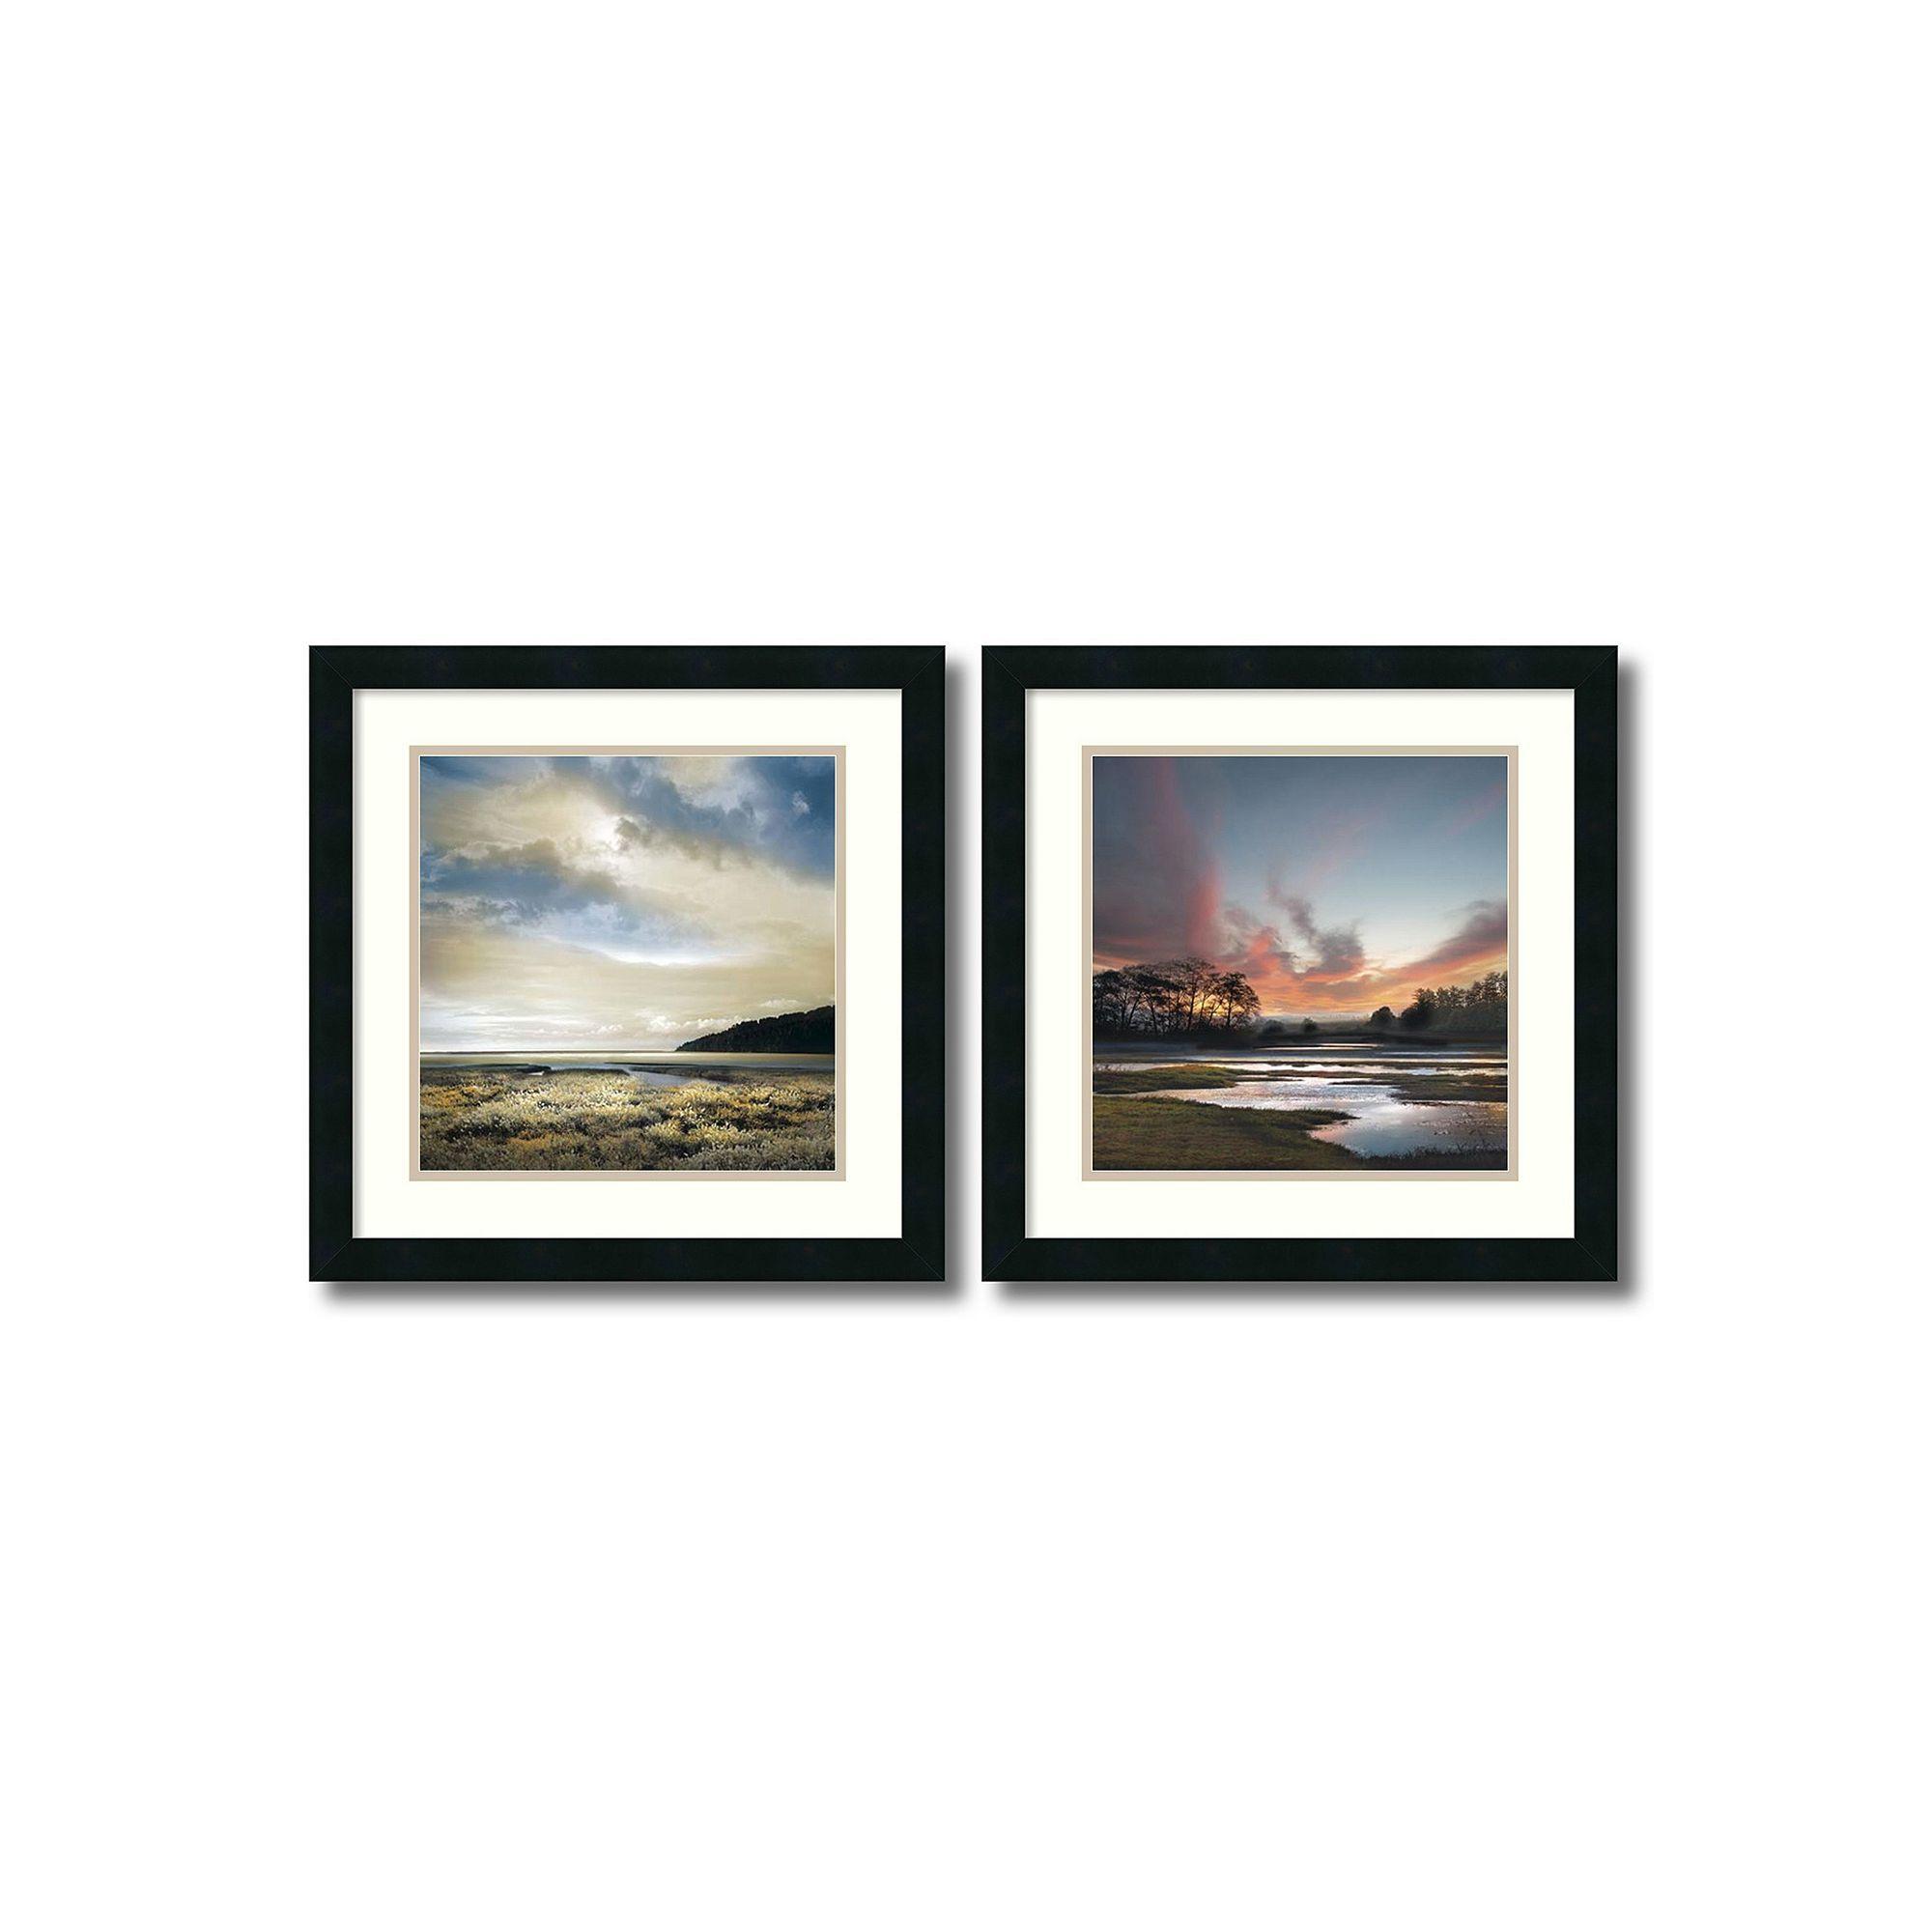 Beyond the Sun\'\' Beach 2-piece Framed Wall Art Set, Black | Wall art ...